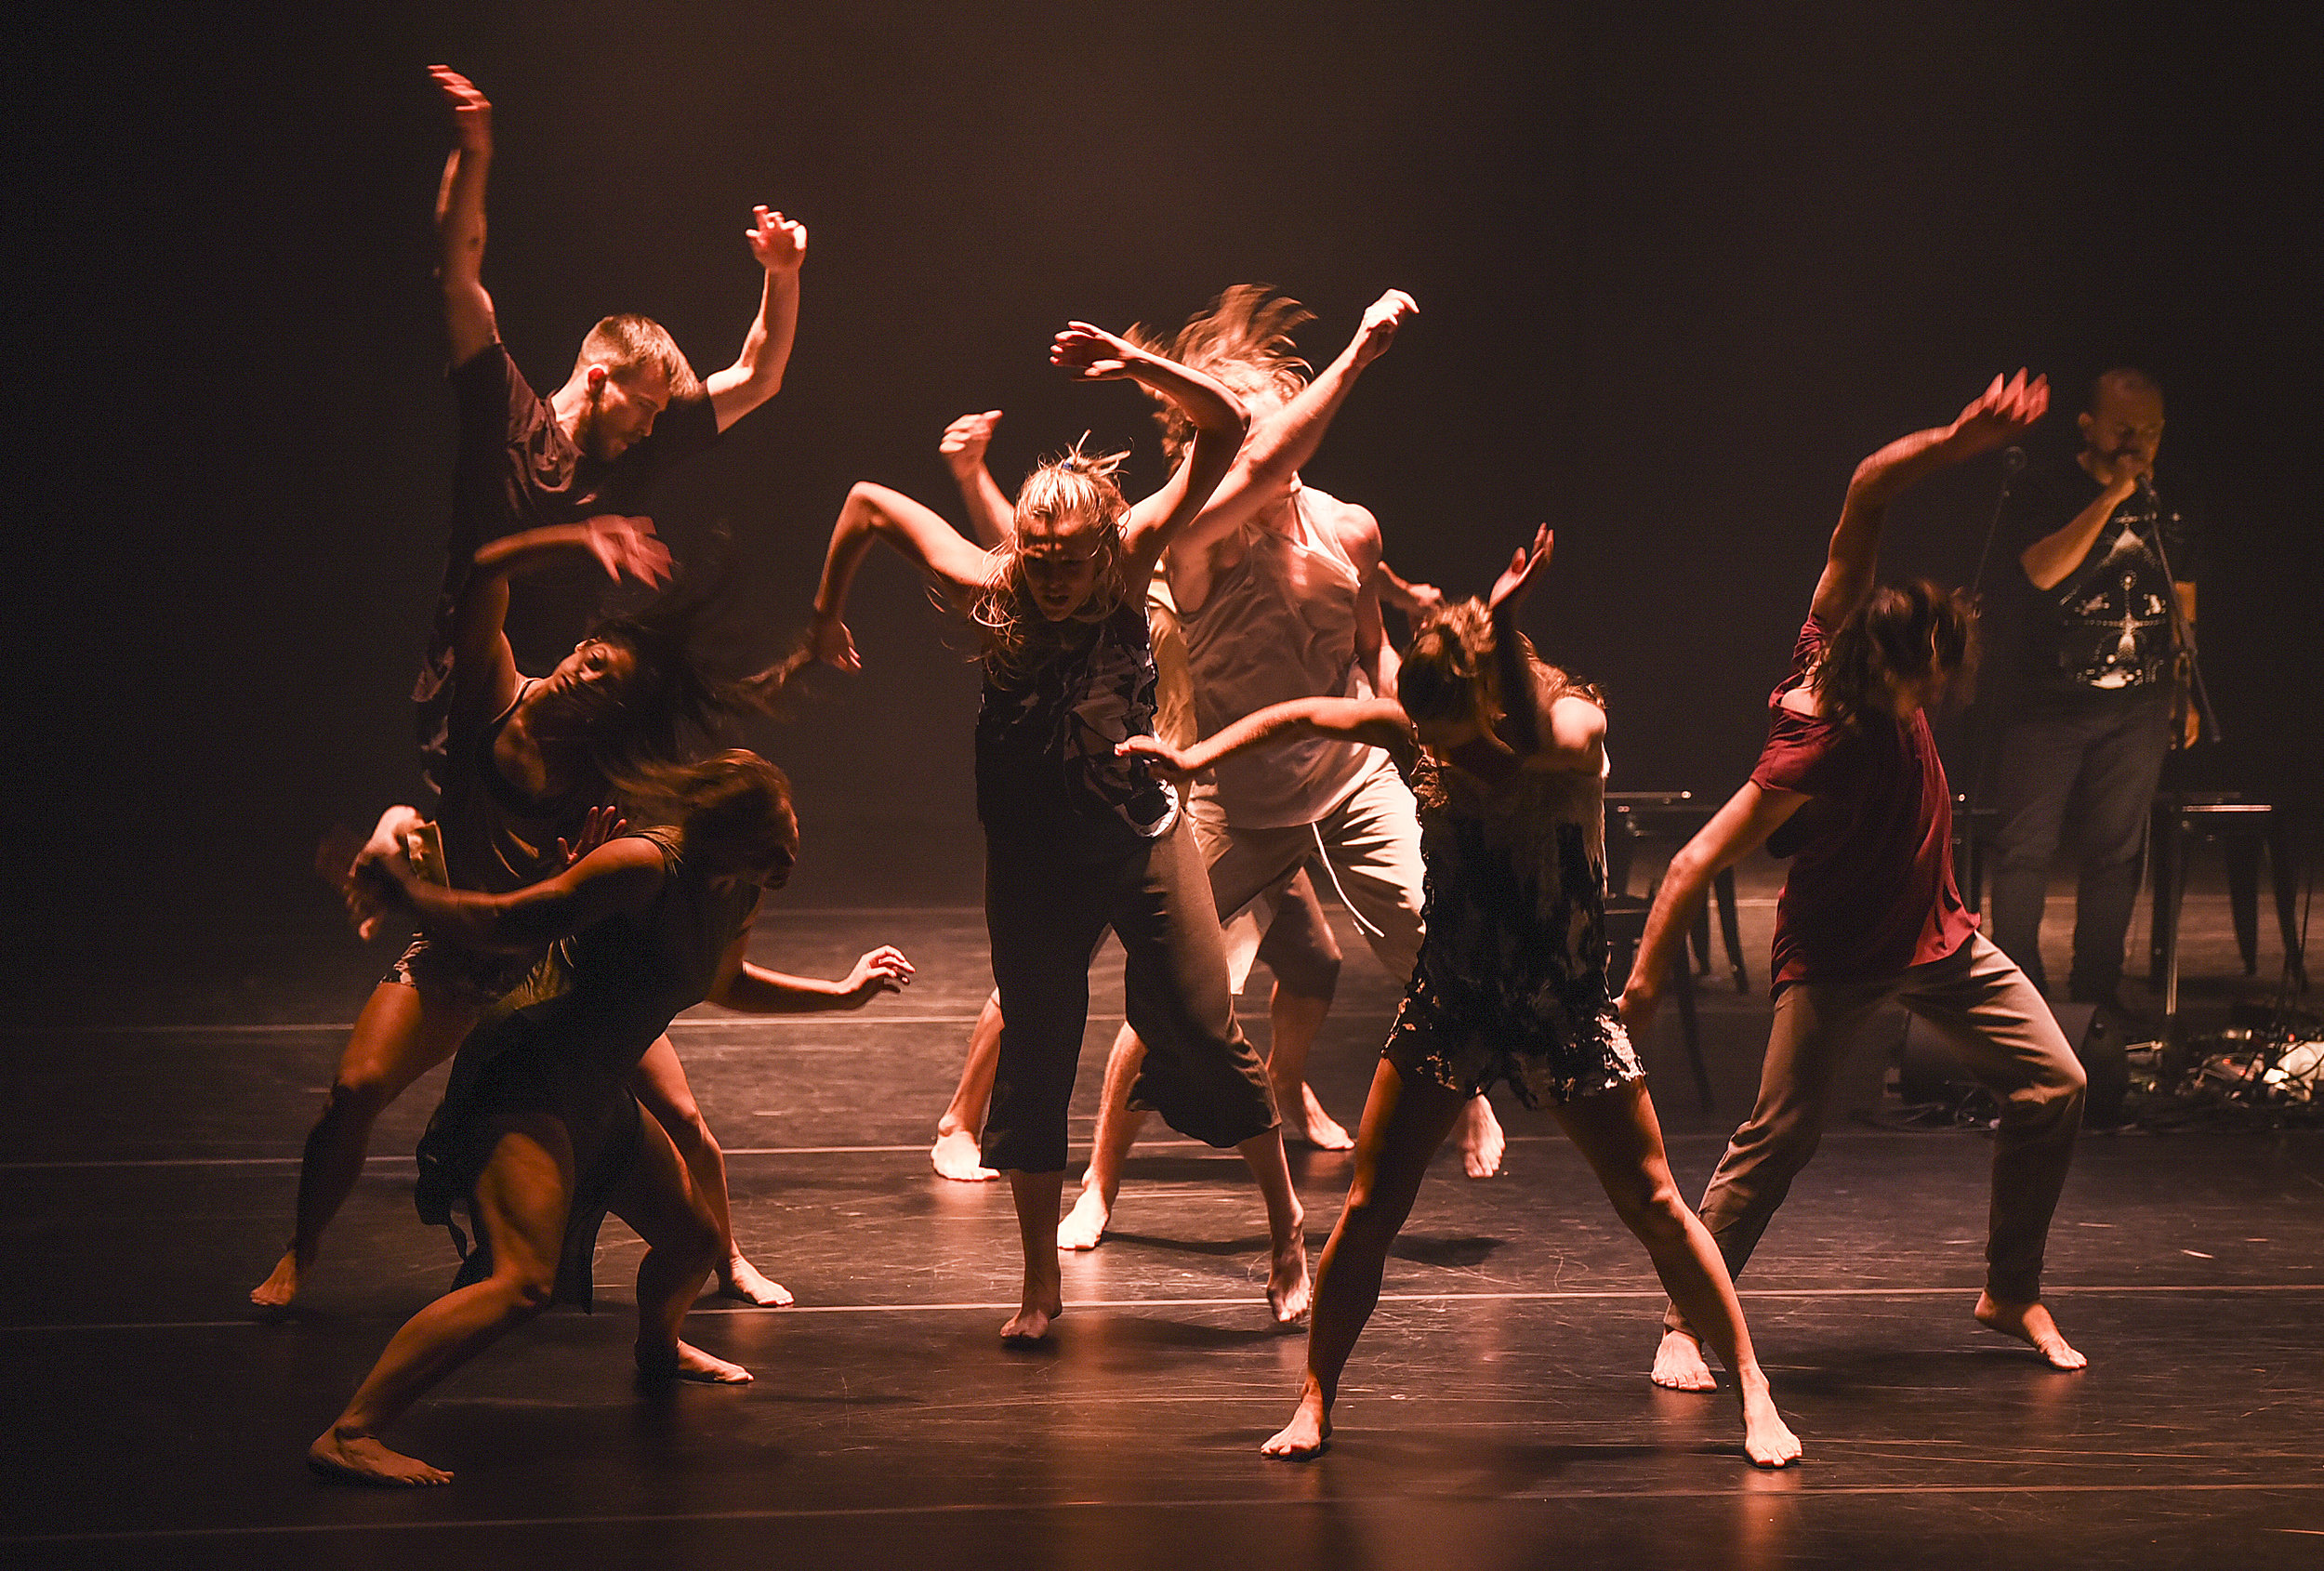 attractorspring performing arts festival16 & 17 May -